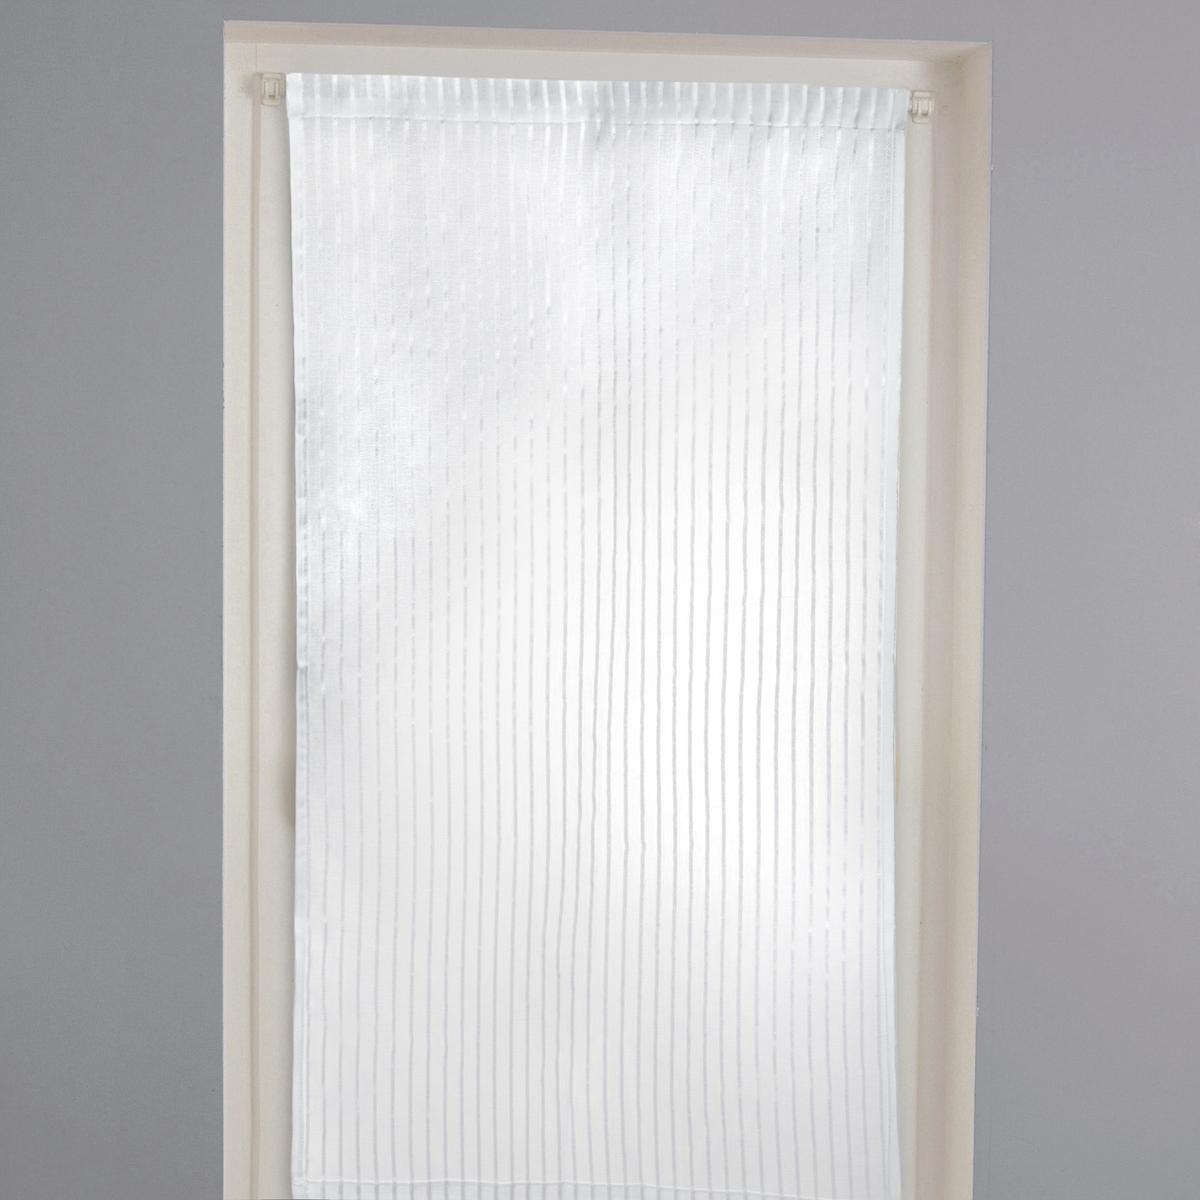 Занавеска с фактурными полосками, на кулиске, GERBERAЗанавеска GERBERA, 100% полиэстер, на кулиске для карнизаКрасивая тканевая занавеска на окна - стильный элемент интерьера !  Характеристики шторы  :Материал :  100% полиэстер Подшитый низКулиска для карниза Уход : машинная стирка при 30 °.Размеры занавески:90 x 45 см. 90 x 60 см120 x 45 см120 x 60 см<br><br>Цвет: белый<br>Размер: 90x60 cm